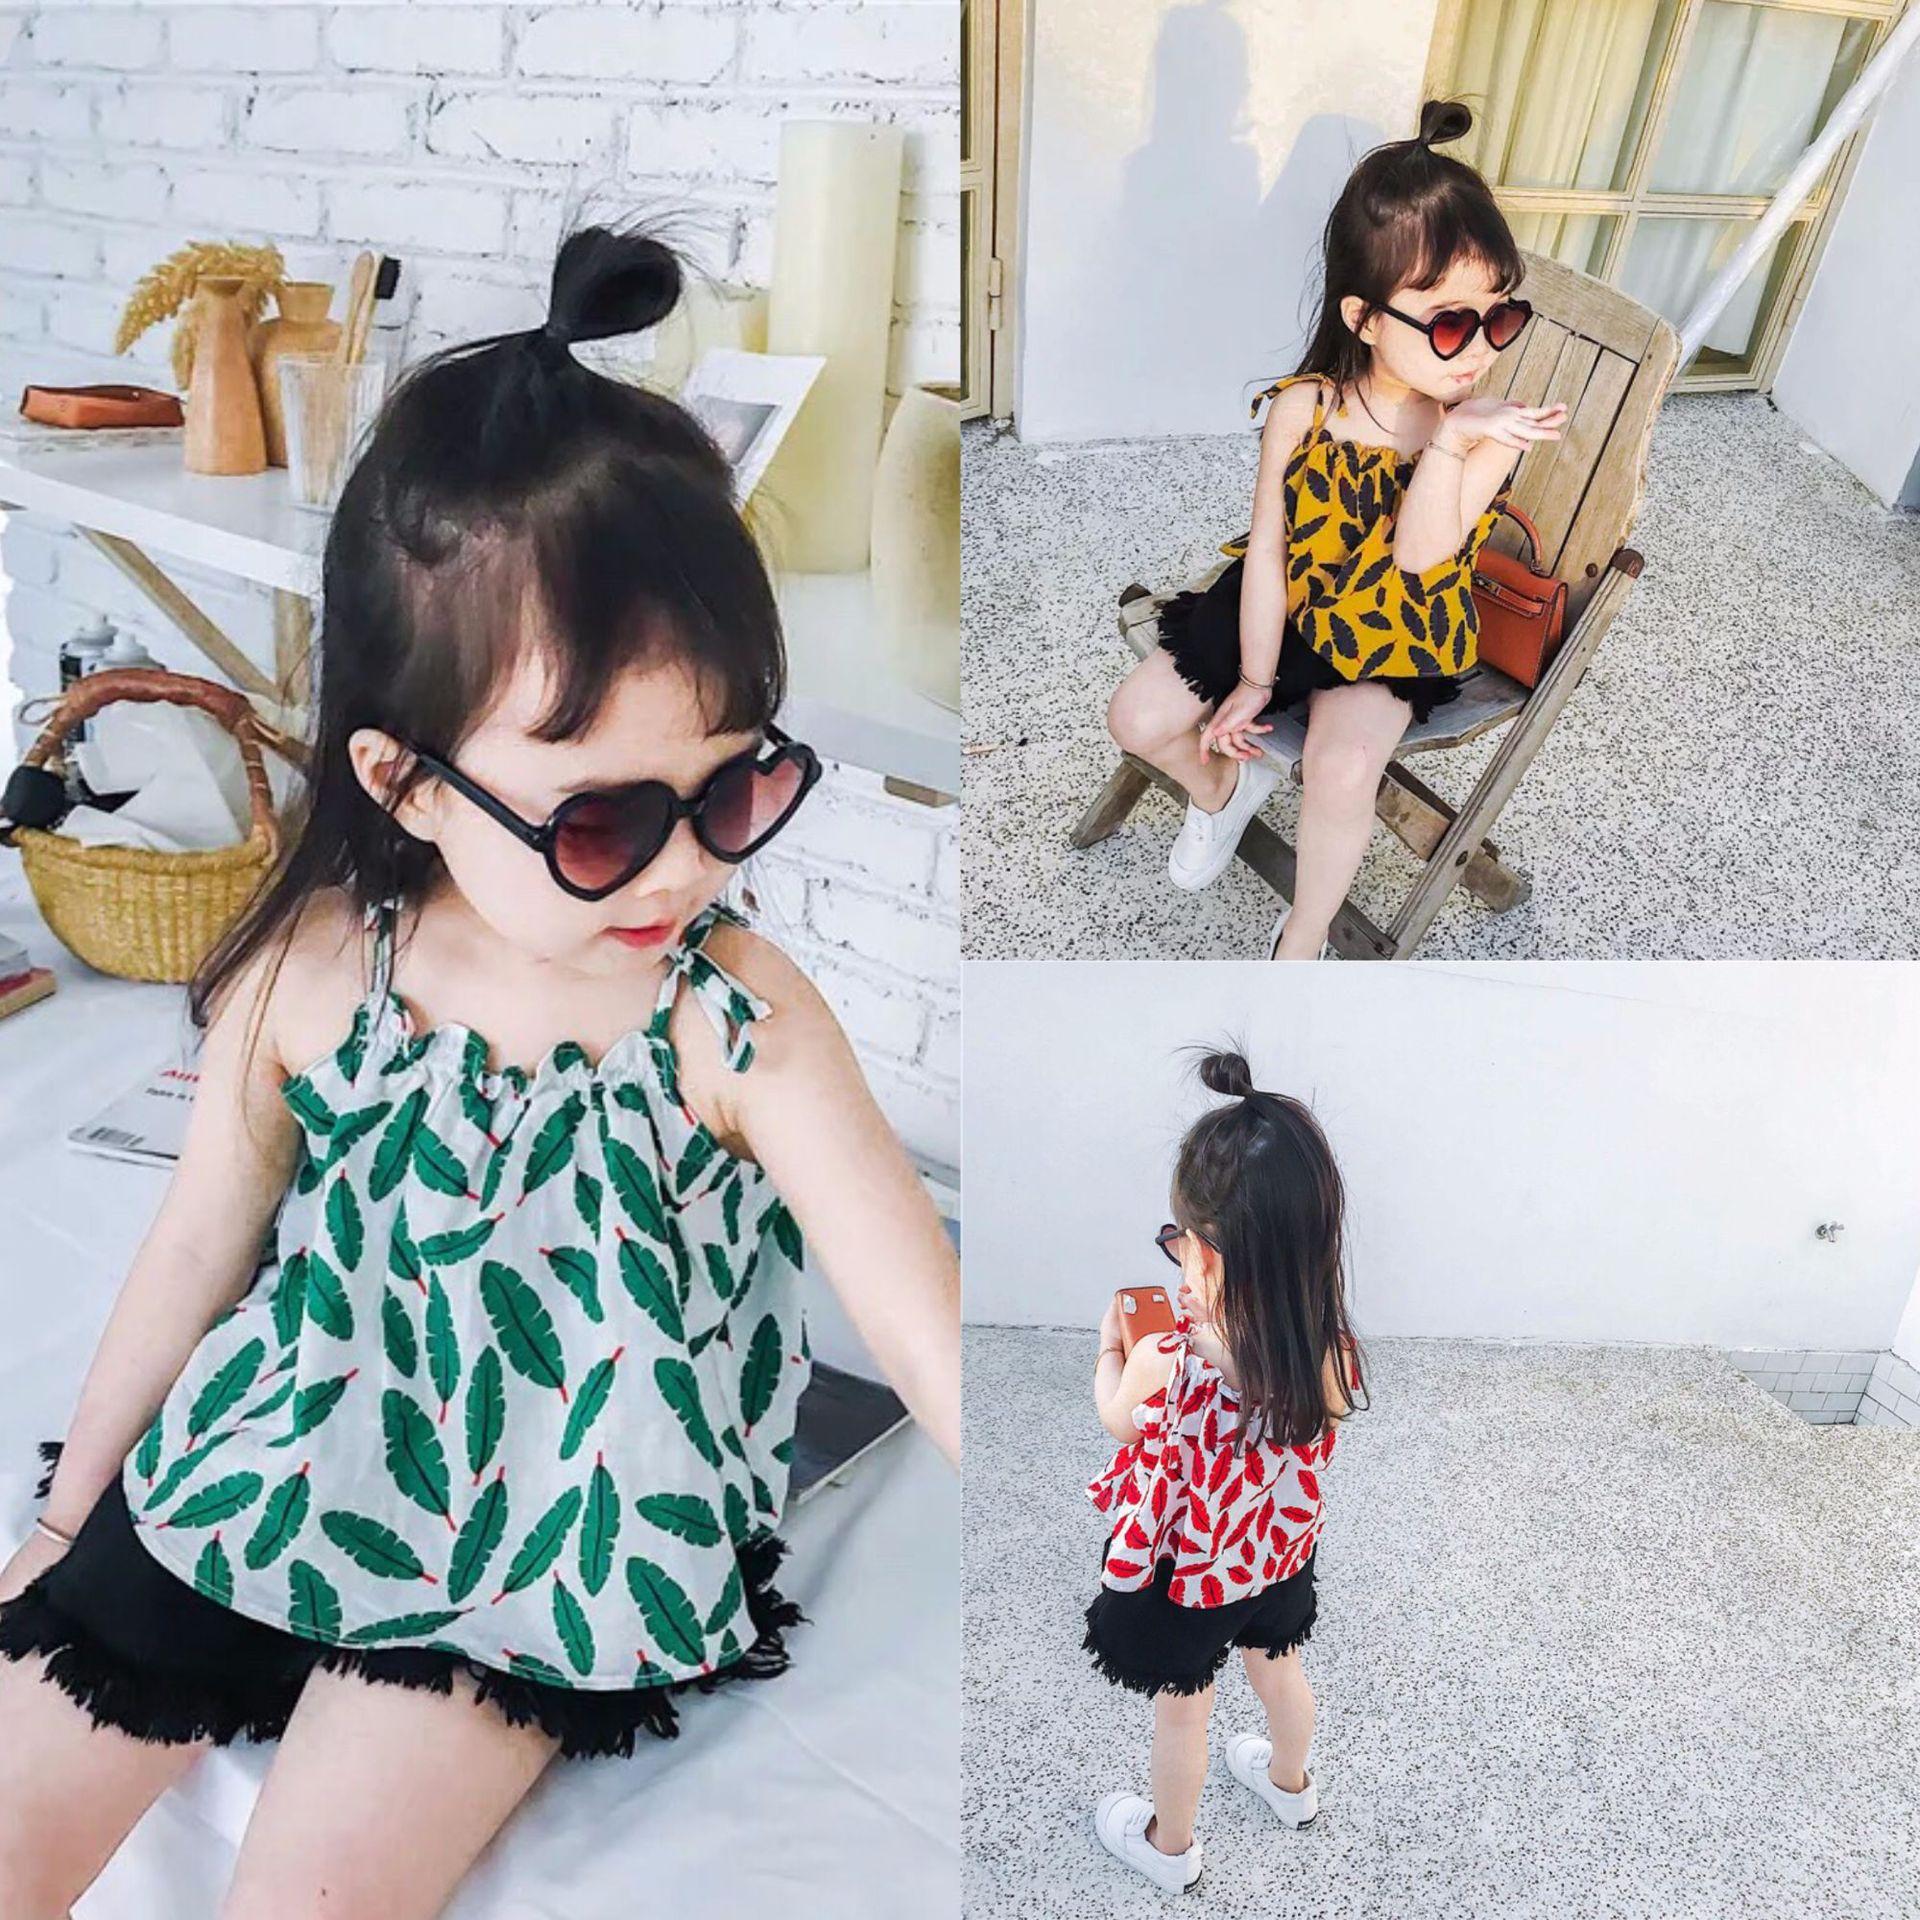 Καλοκαίρι κορίτσια ρούχα καλοκαίρι μίνι εκτύπωση φύλλο φόρεμα ... ddb7e676bfd